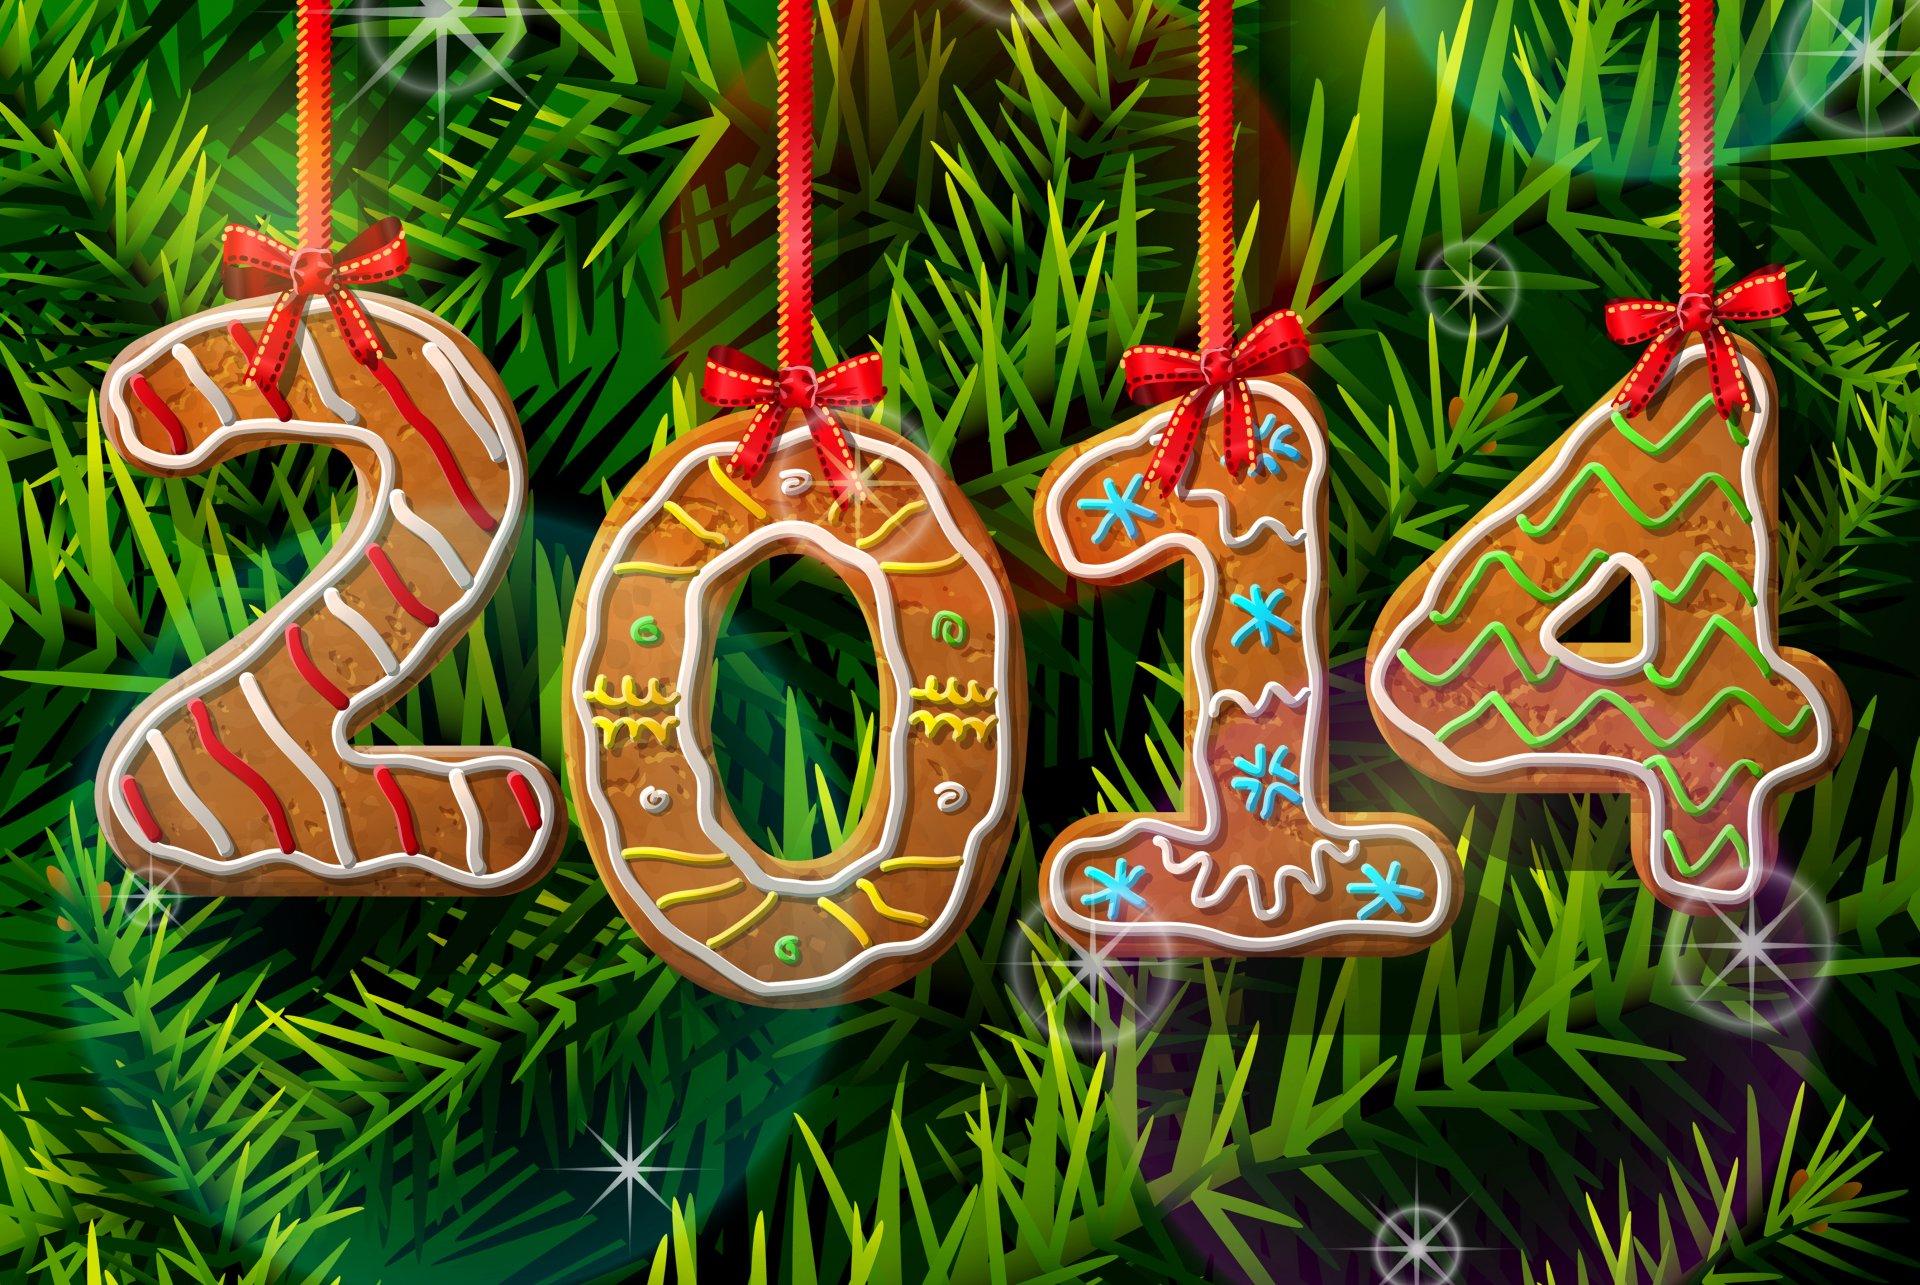 Картинка с надписью на новый год